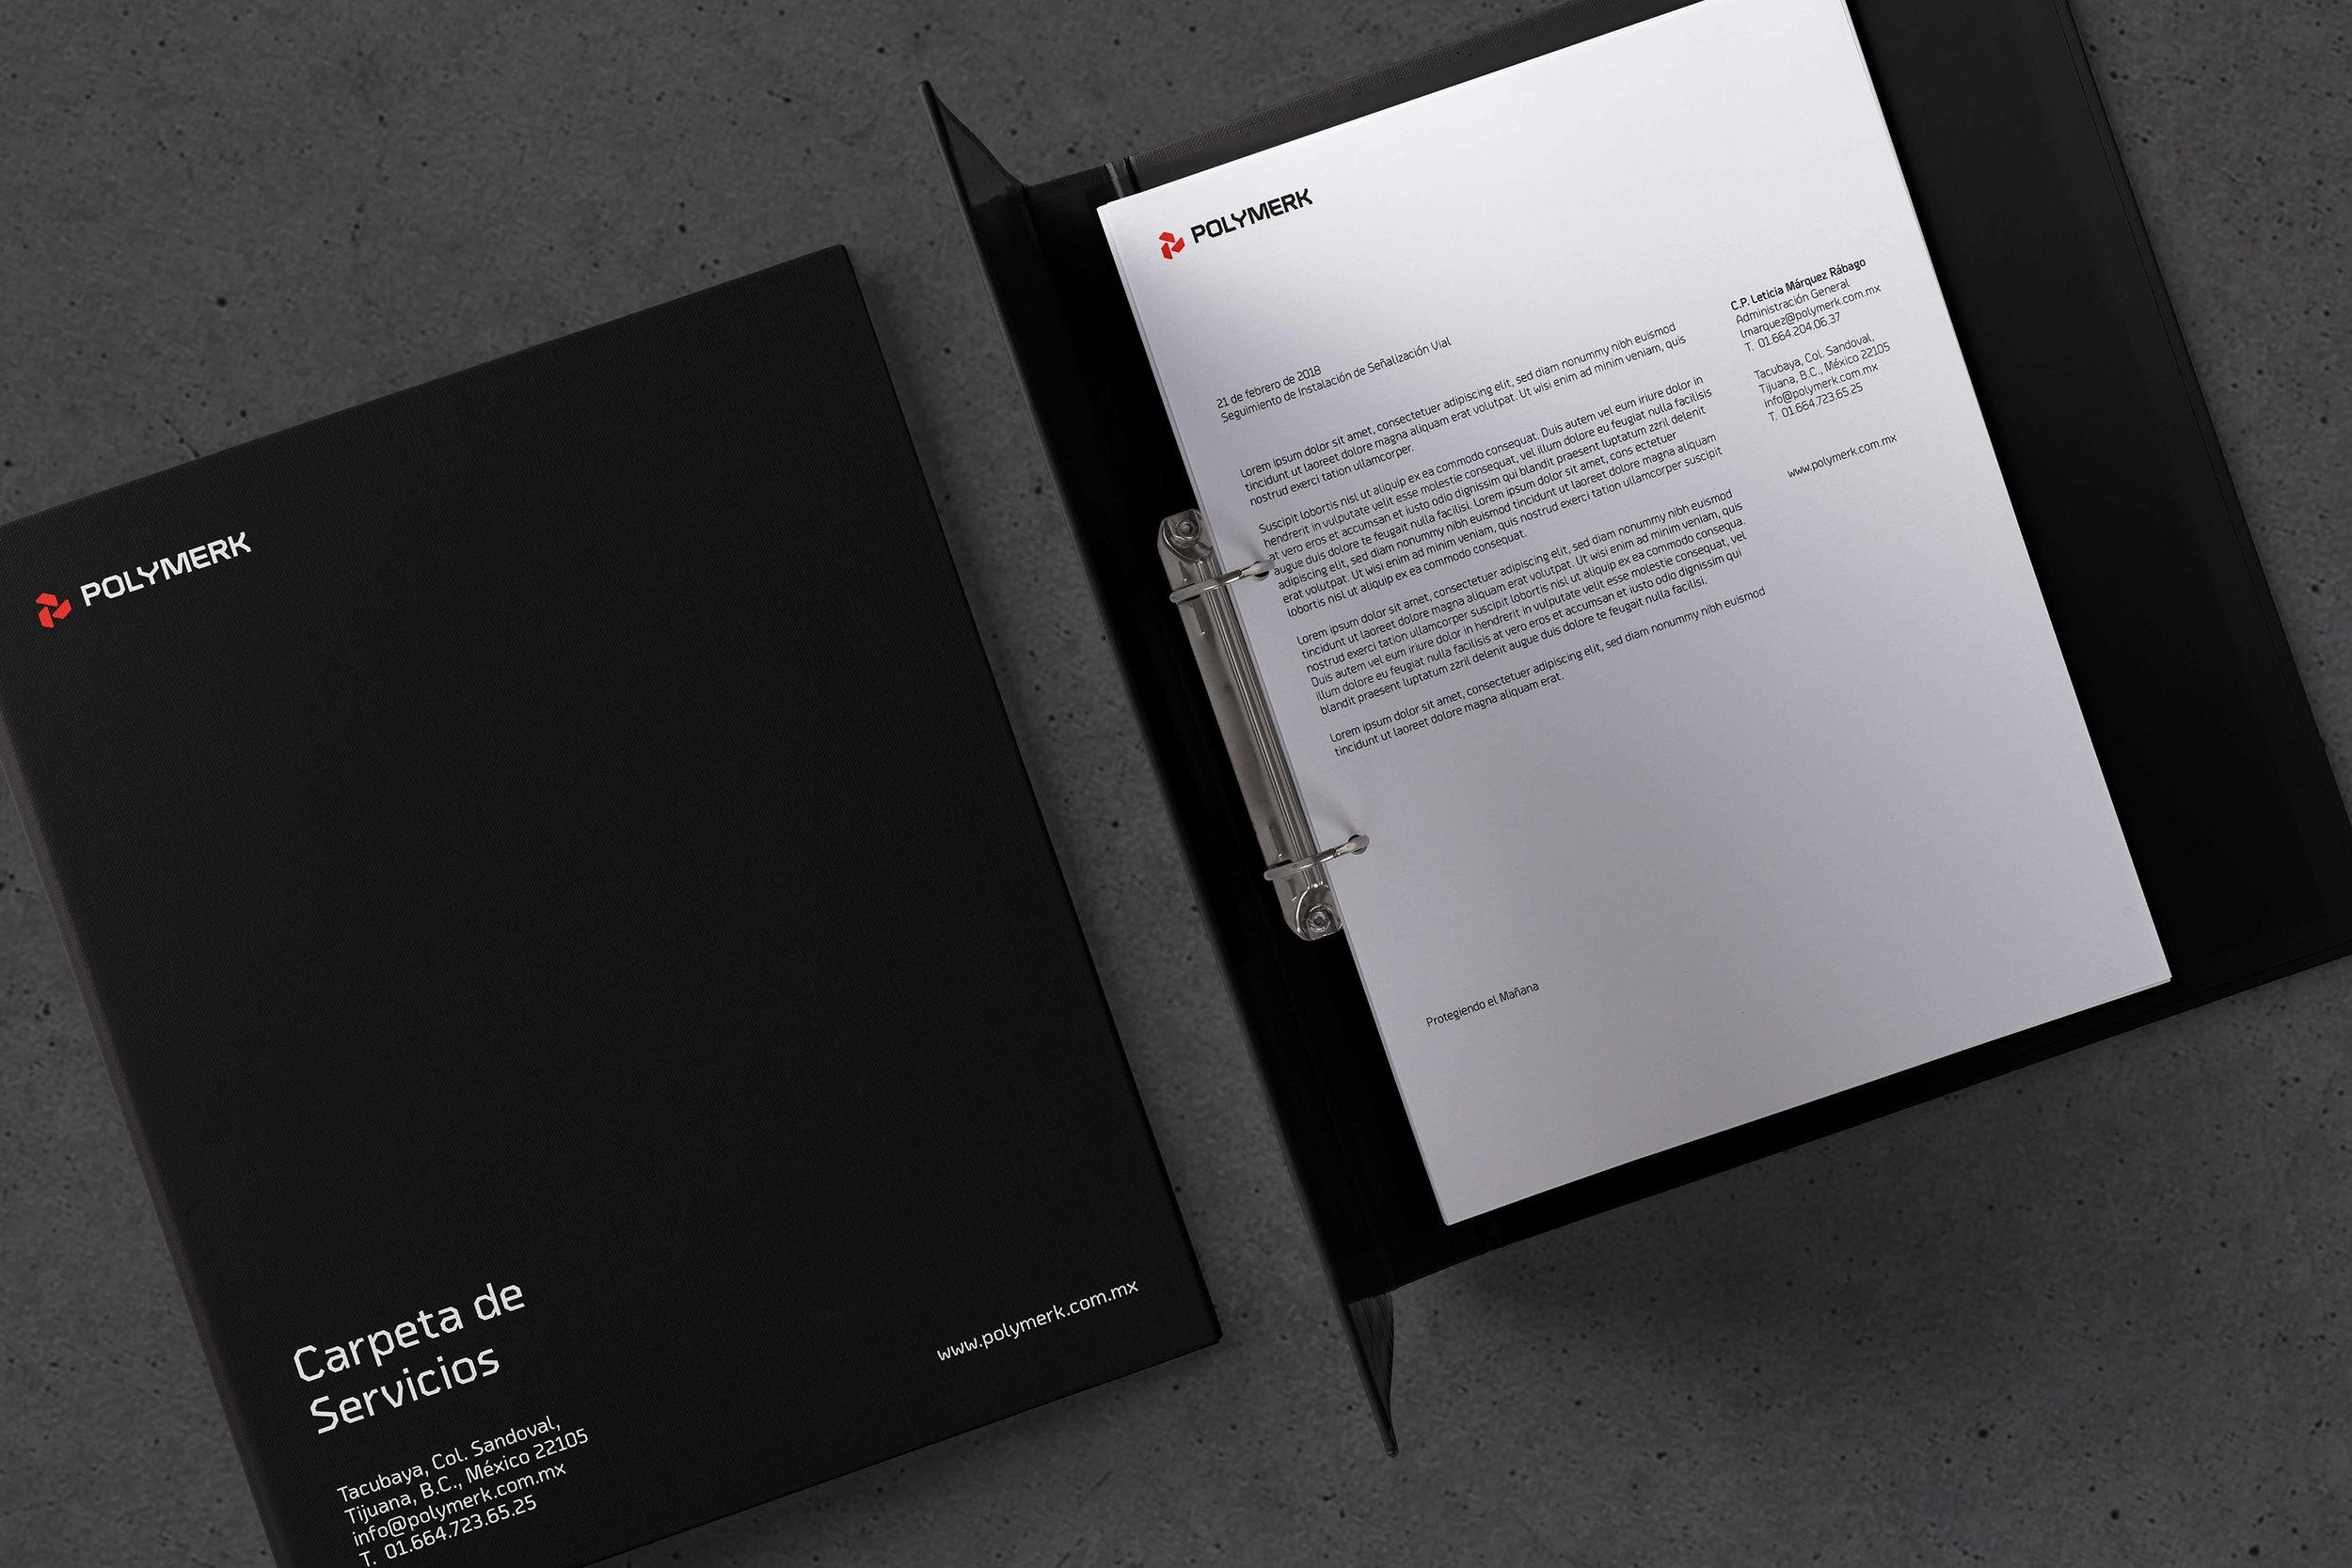 logo-design-branding-san-diego-vortic-polymerk-06